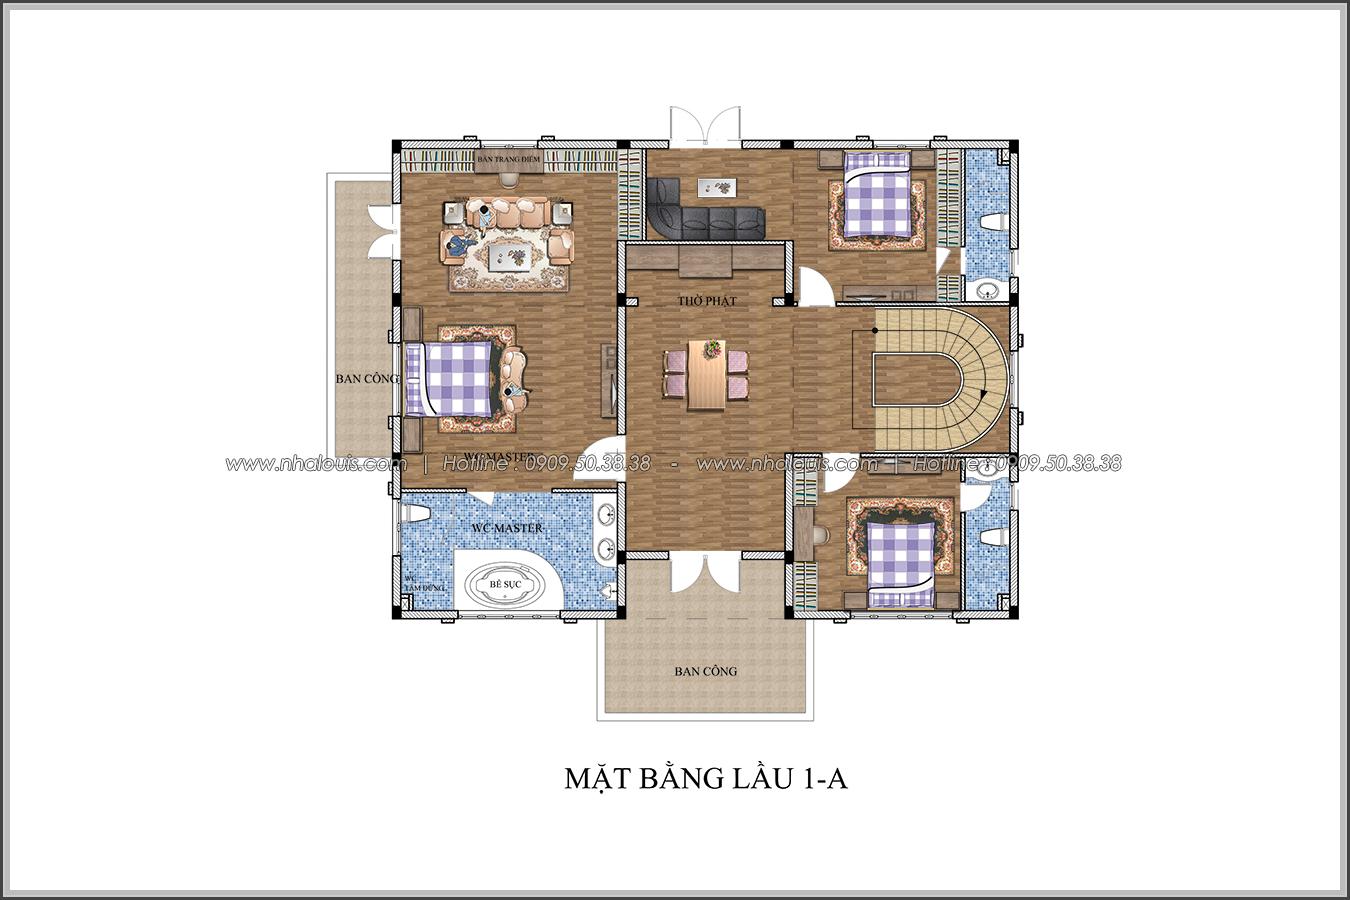 Biệt thự 3 tầng kiểu Pháp hoành tráng tại Biên Hòa đầy mê hoặc - 06